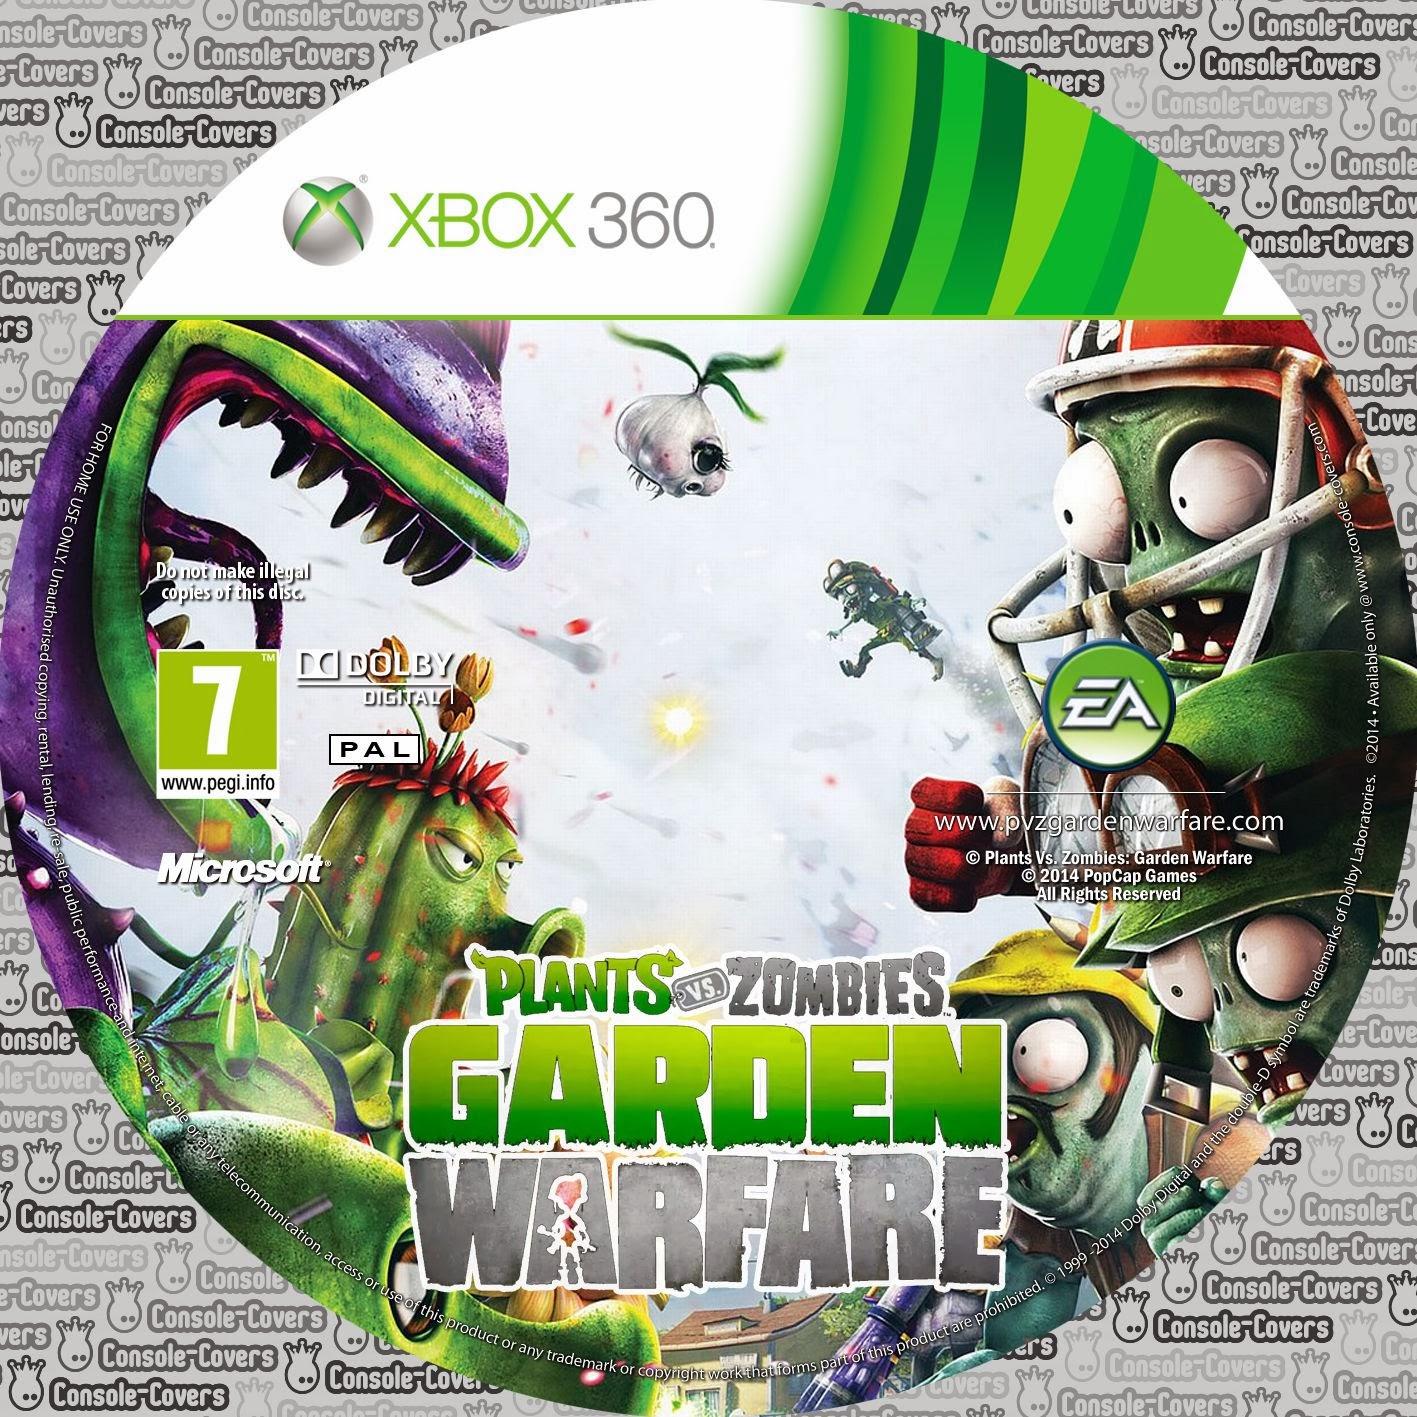 Label Plants Vs Zombies Garden Warfare Xbox 360 Gamecover Capas Customizadas Para Dvd E Bluray